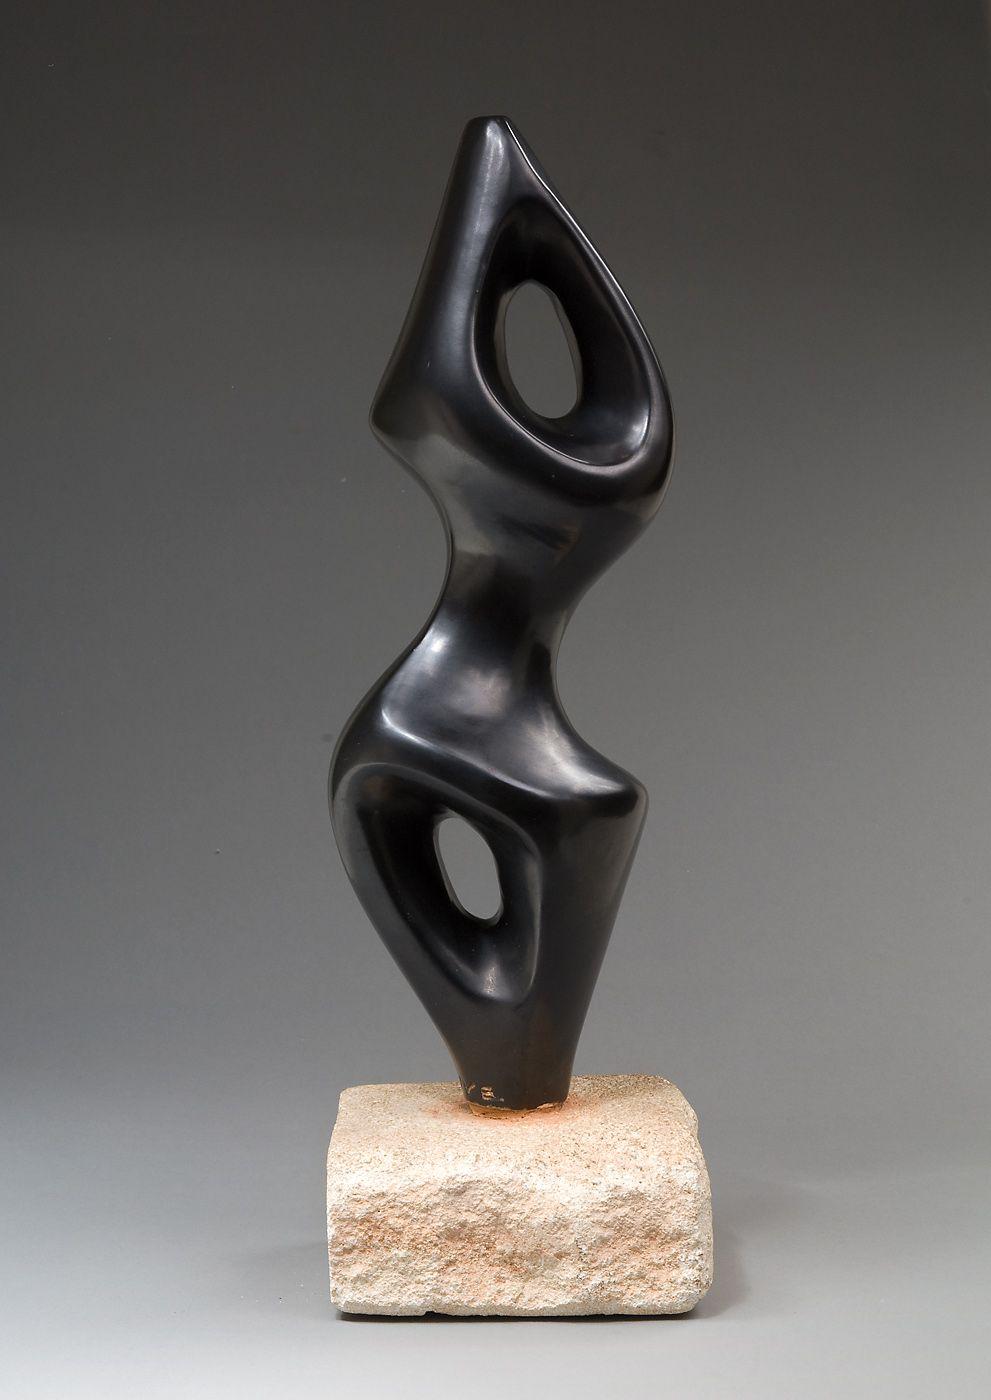 Mi Es Delicada De Y Esta Escultura BonitaDesde Muy Una Punto rexodCBW